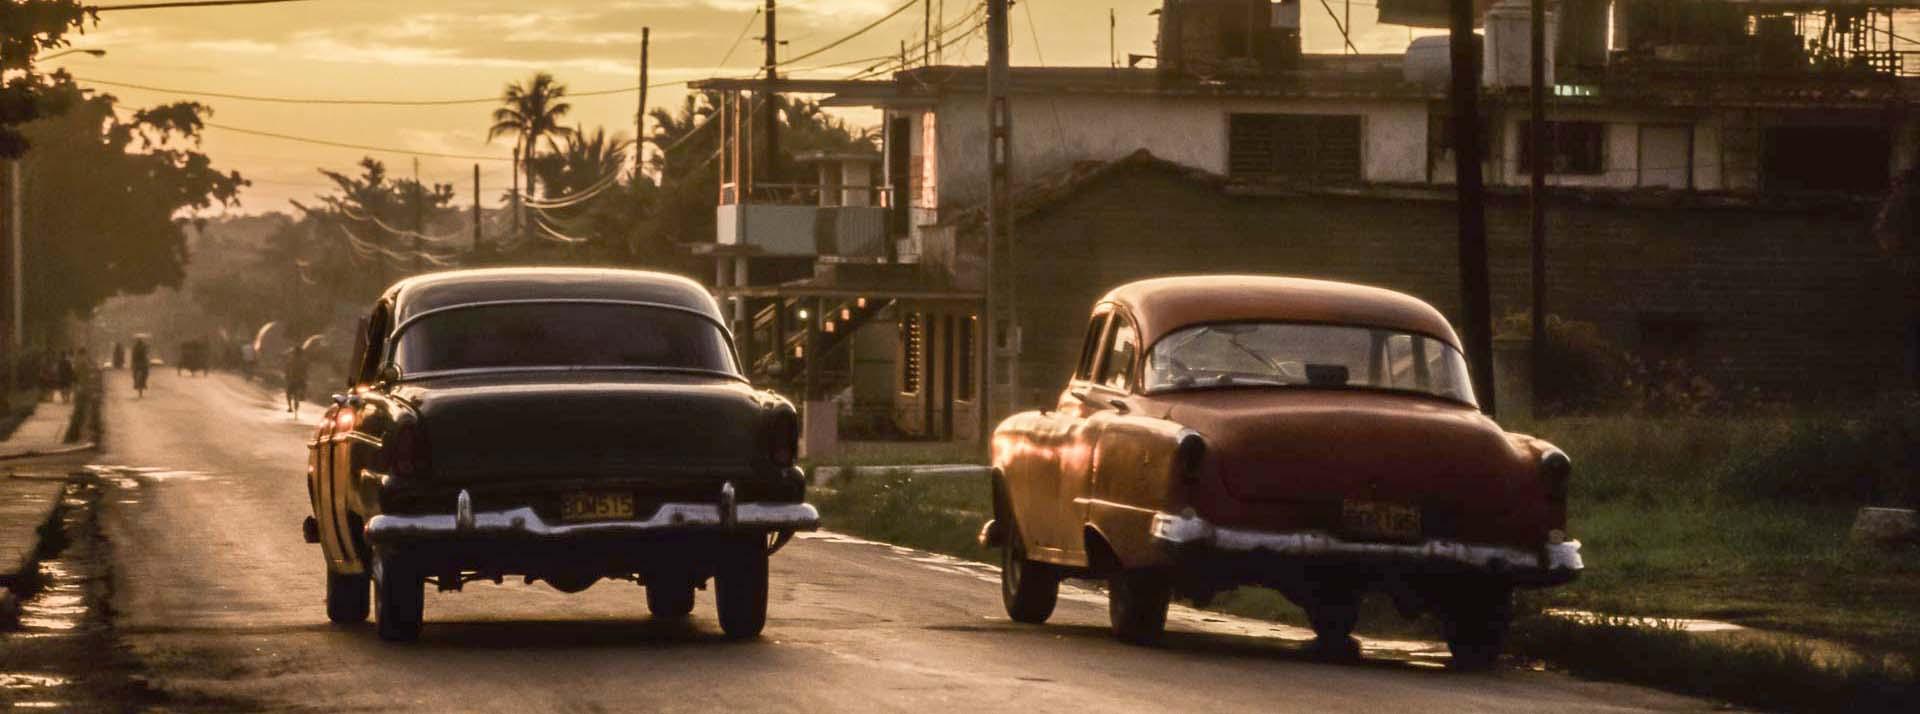 Cuba - Autos in Abendstimmung